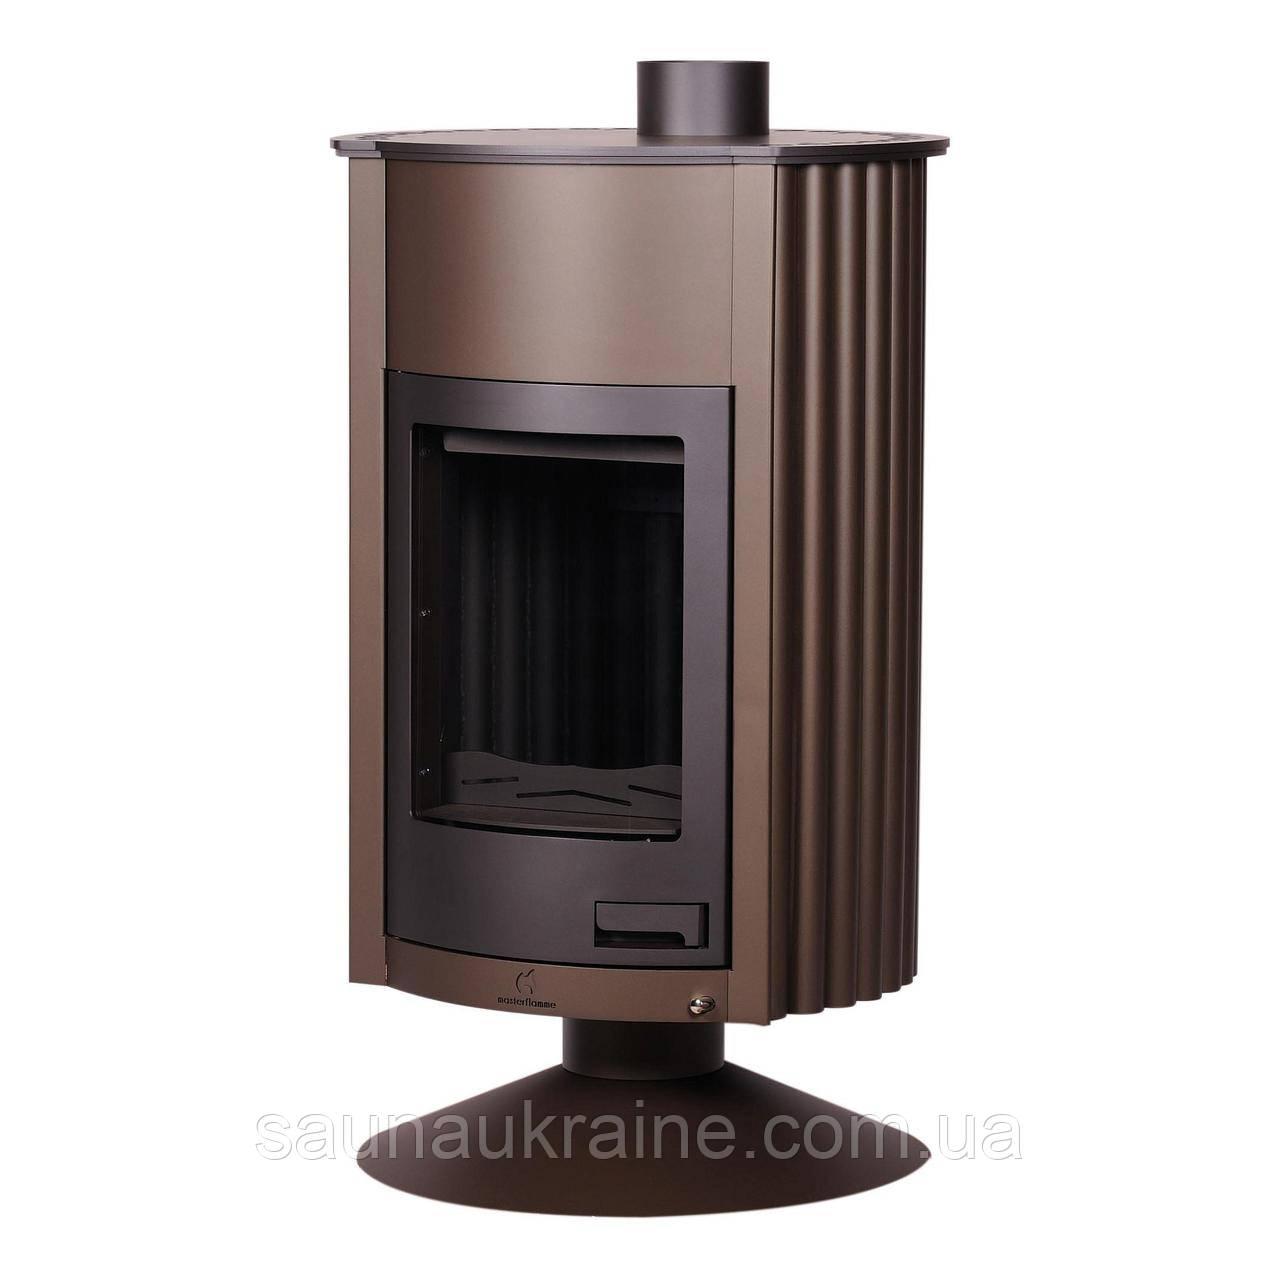 Отопительная печь-камин Masterflamme Grande IІ (коричневый вельвет)